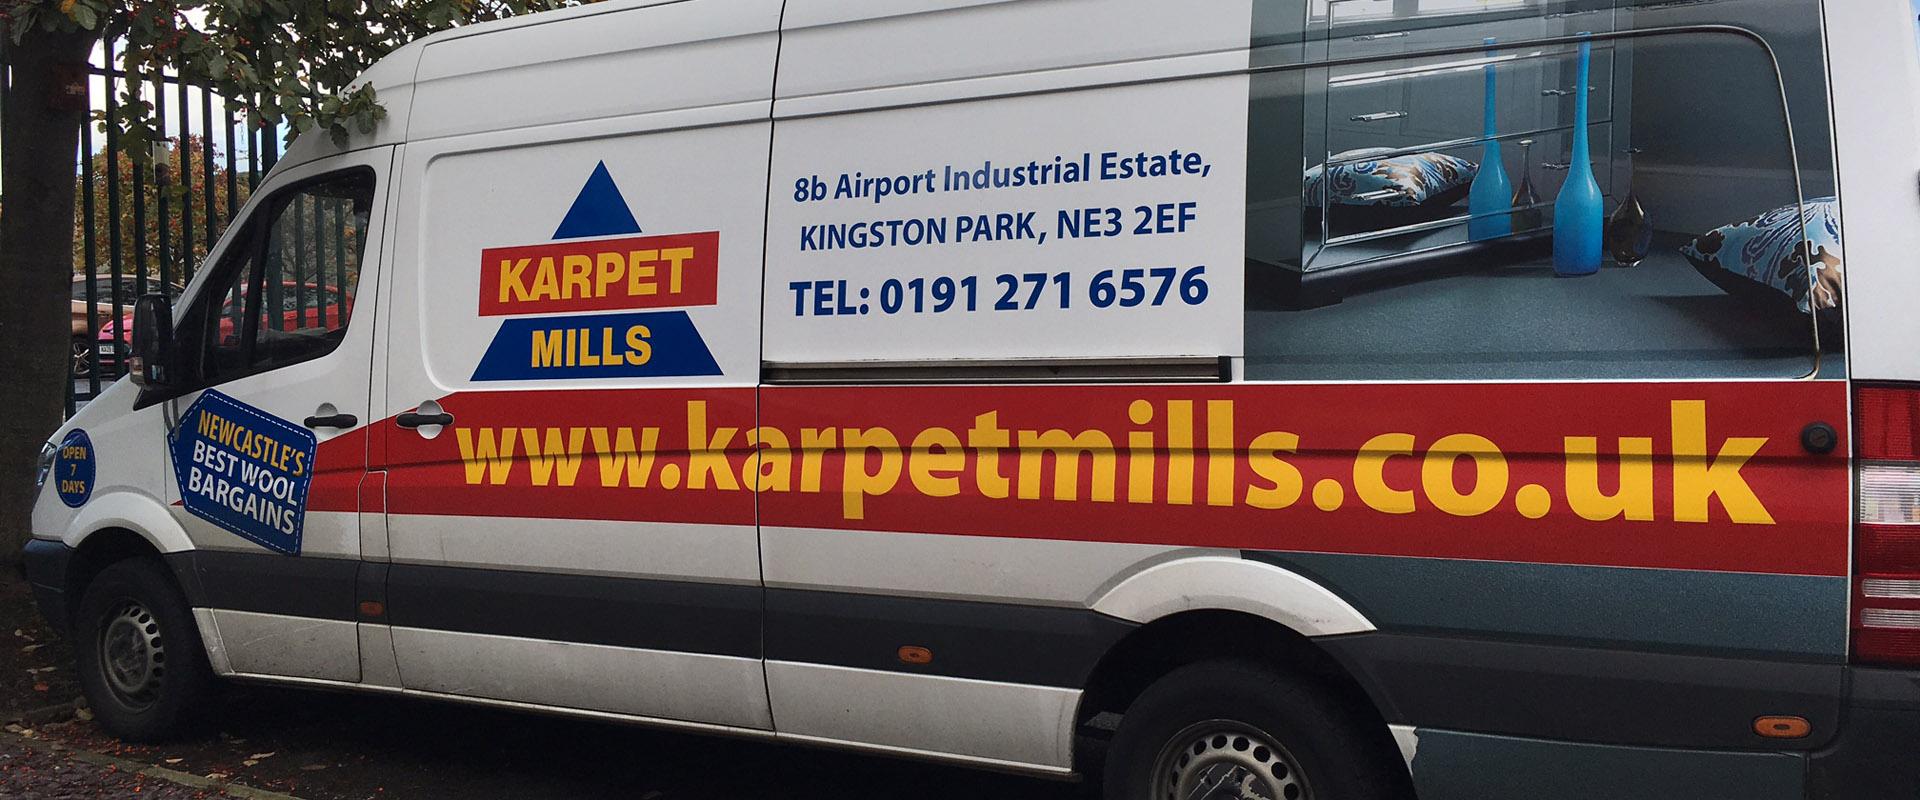 Karpet Mills Services